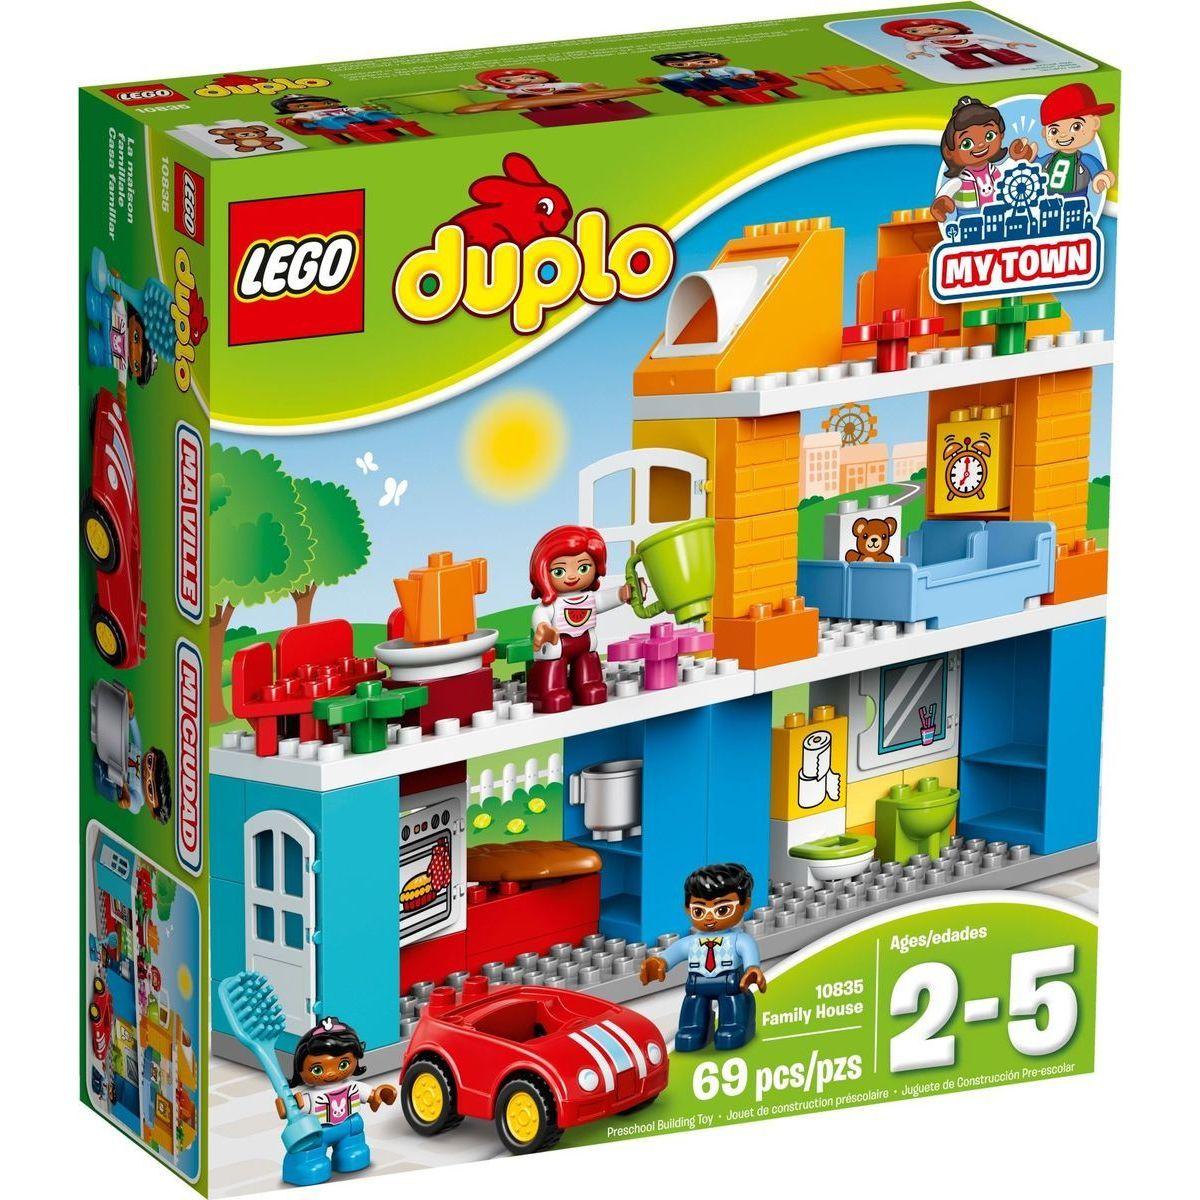 LEGO DUPLO 10835 Rodinný dům - Poškozený obal